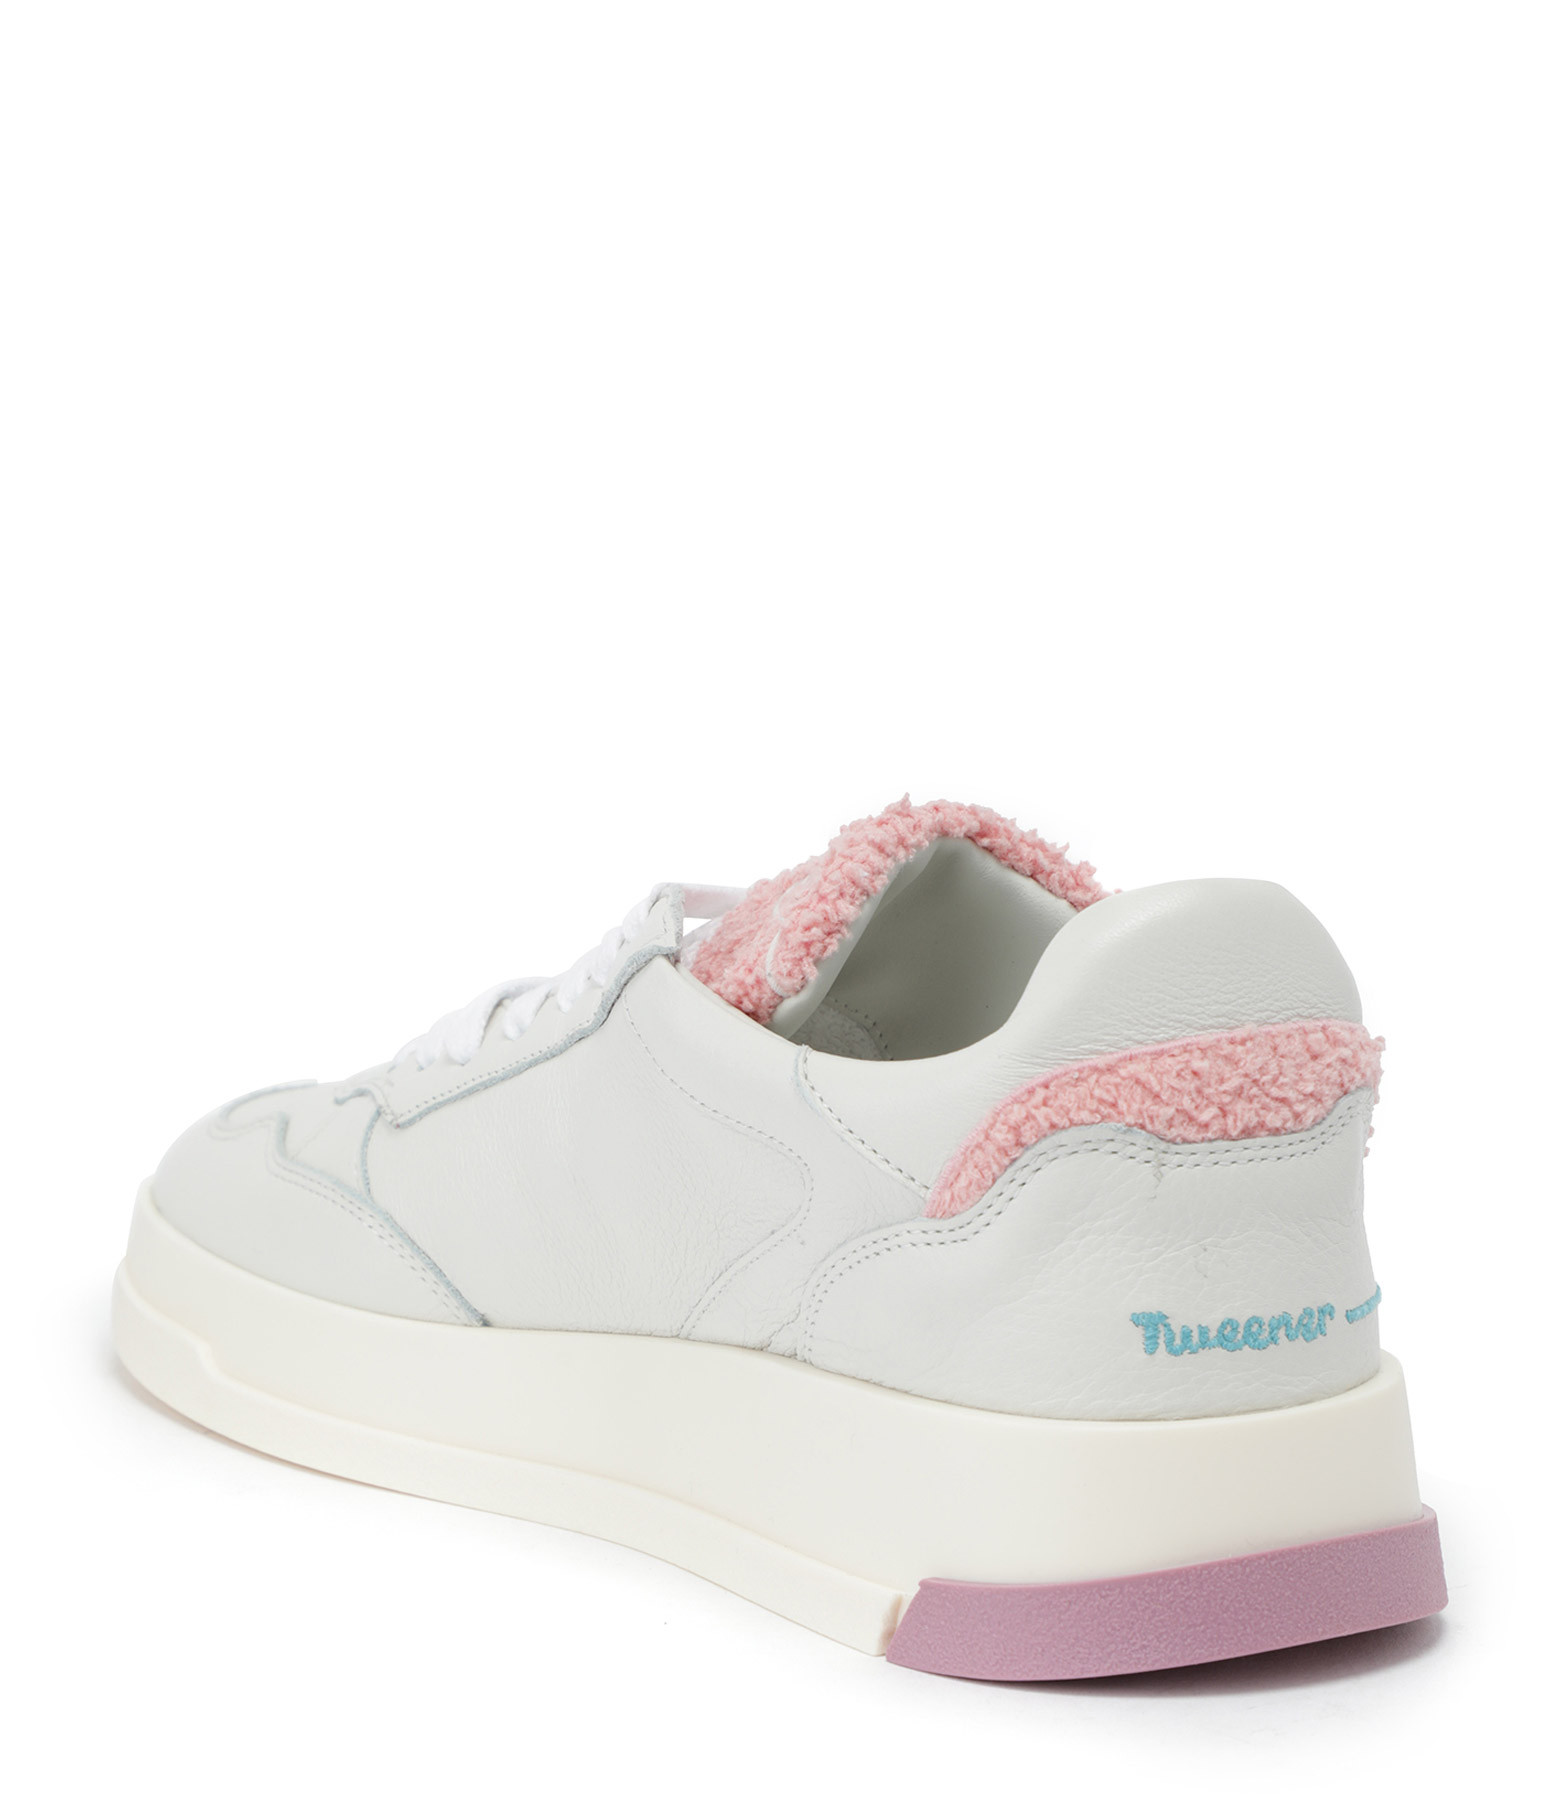 GHOUD VENICE - Baskets Tweener Low Cuir Blanc Rose